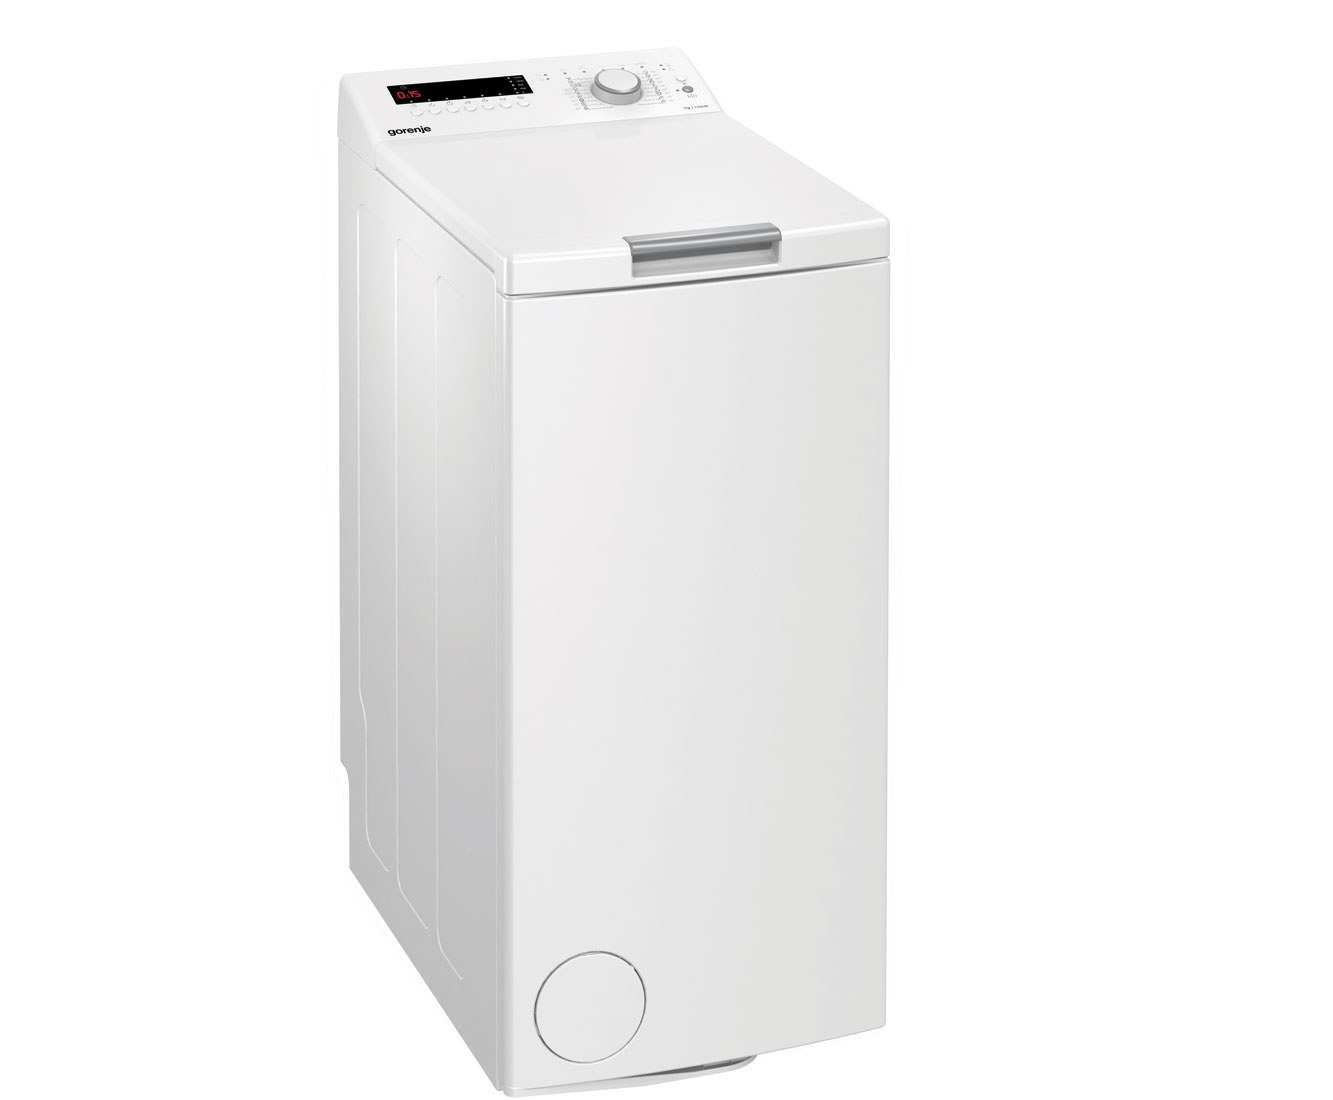 Gorenje wt waschmaschine toplader kg u min a